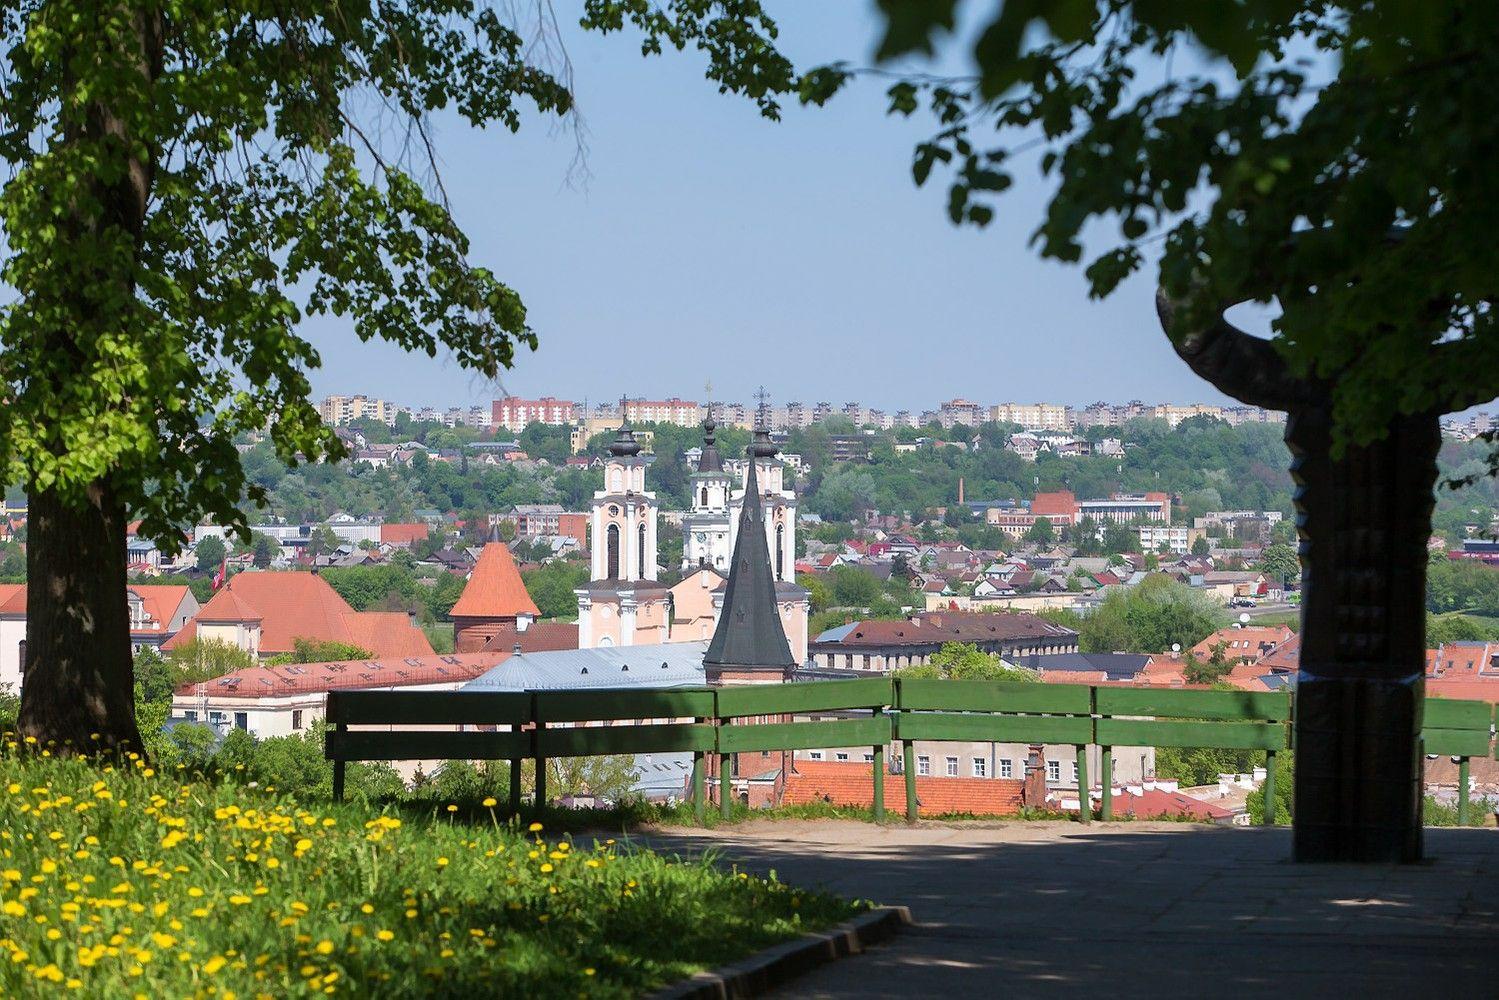 Investuotojams svetingas Kaunas siūlo ir kompetencijų, kurių kitur reta